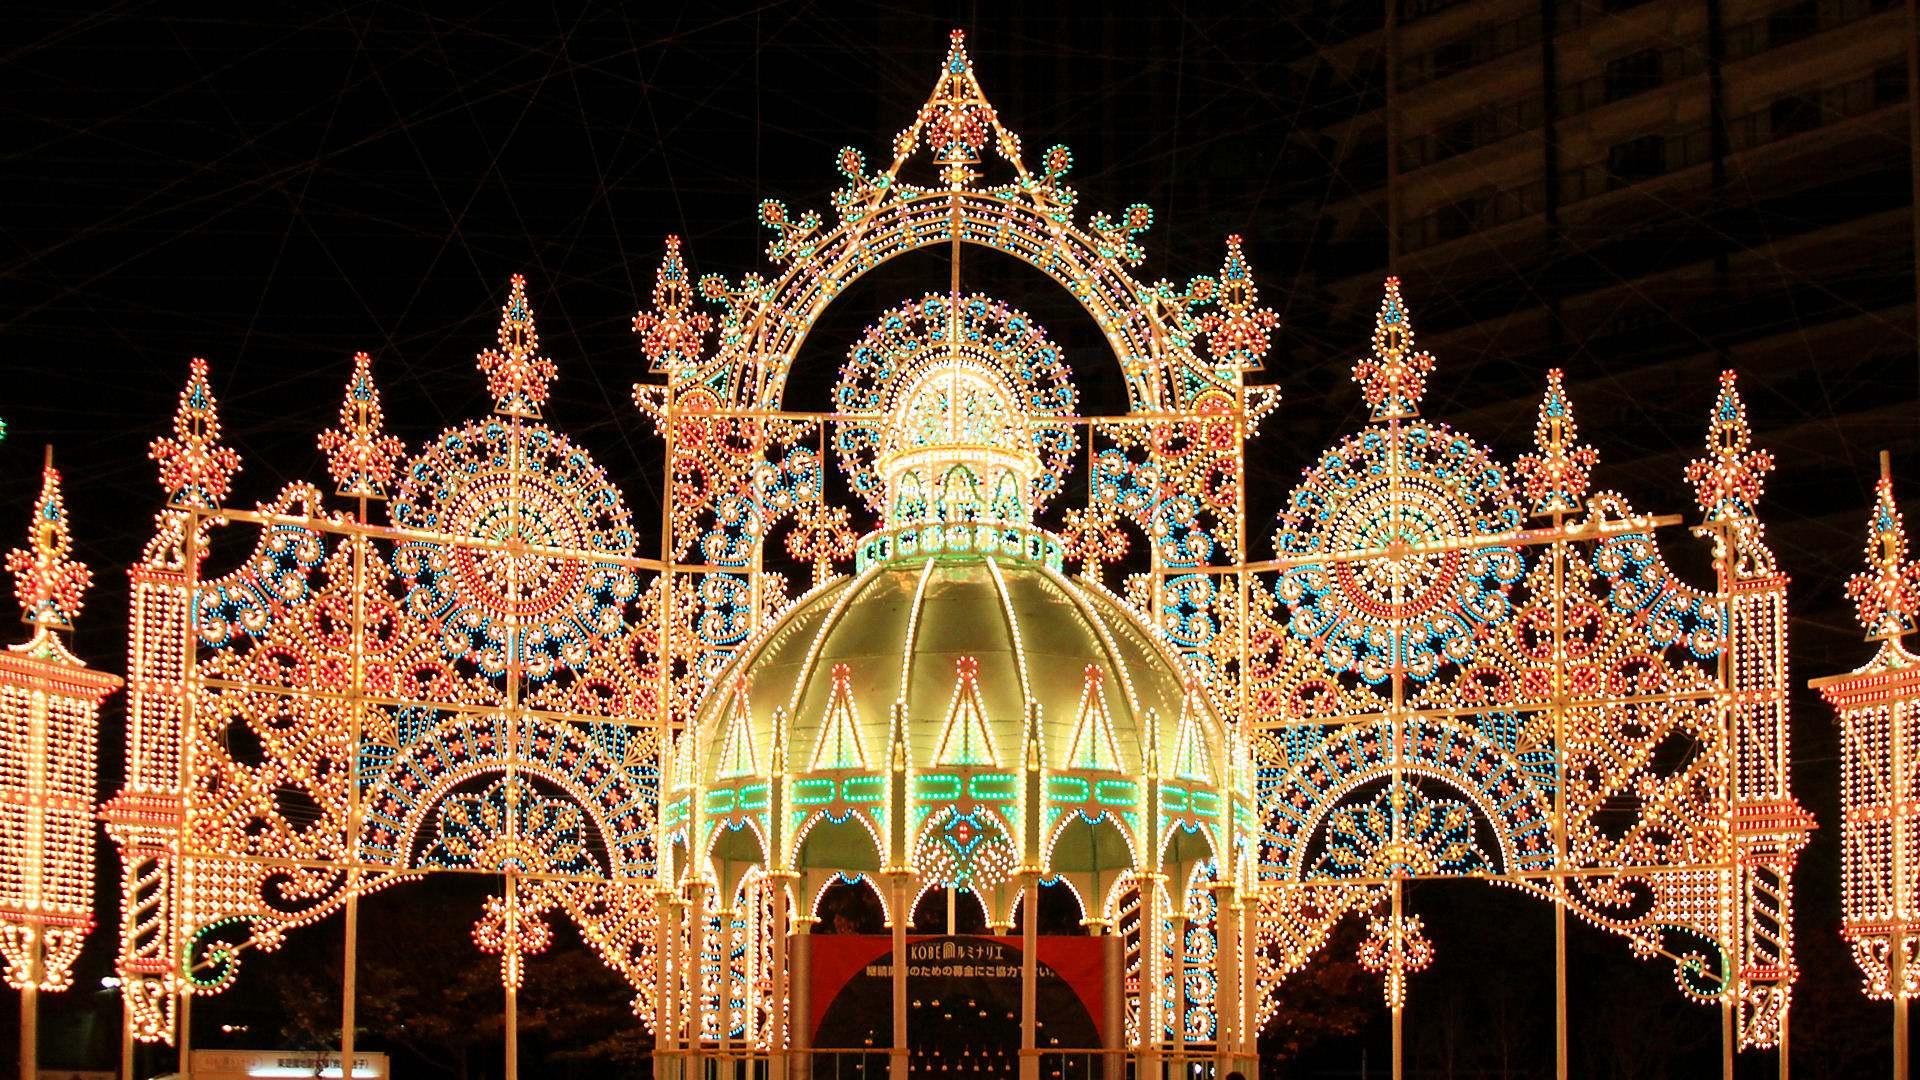 夜景だけじゃない!神戸のおすすめイルミネーションスポットはここ!のサムネイル画像